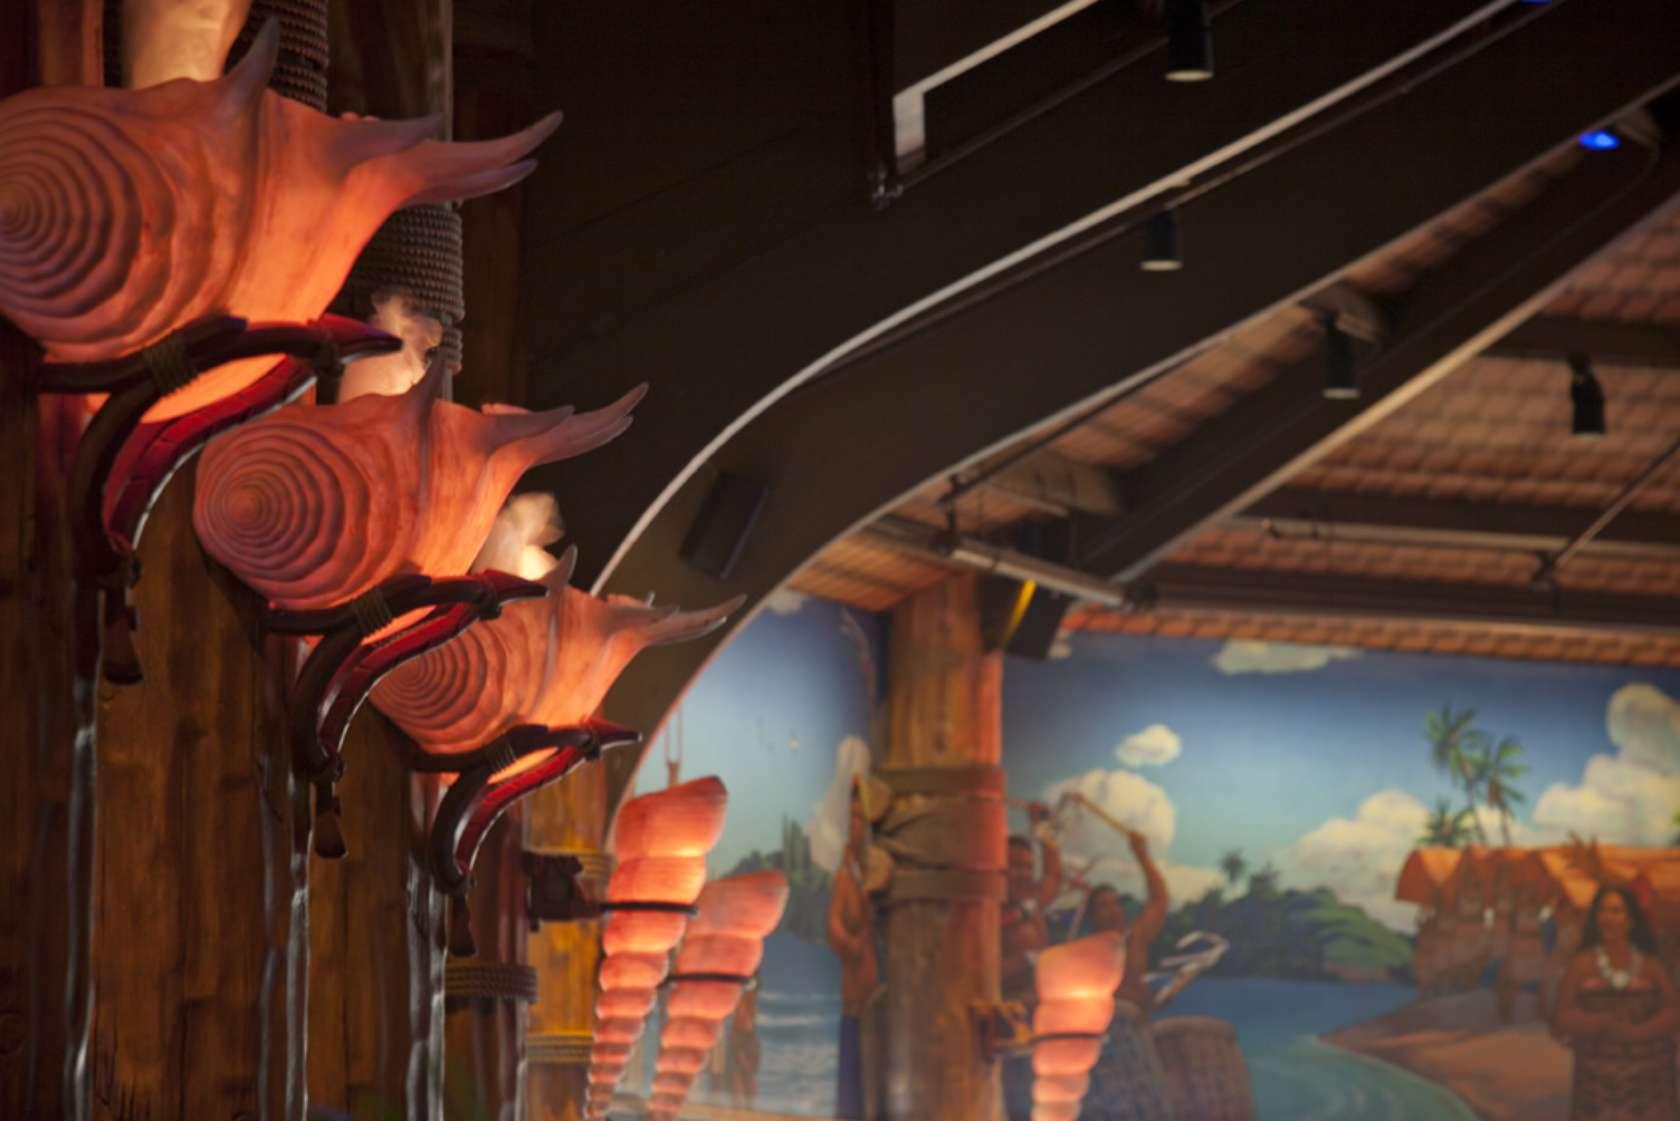 ゲートウェイ・レストラン 貝殻の照明